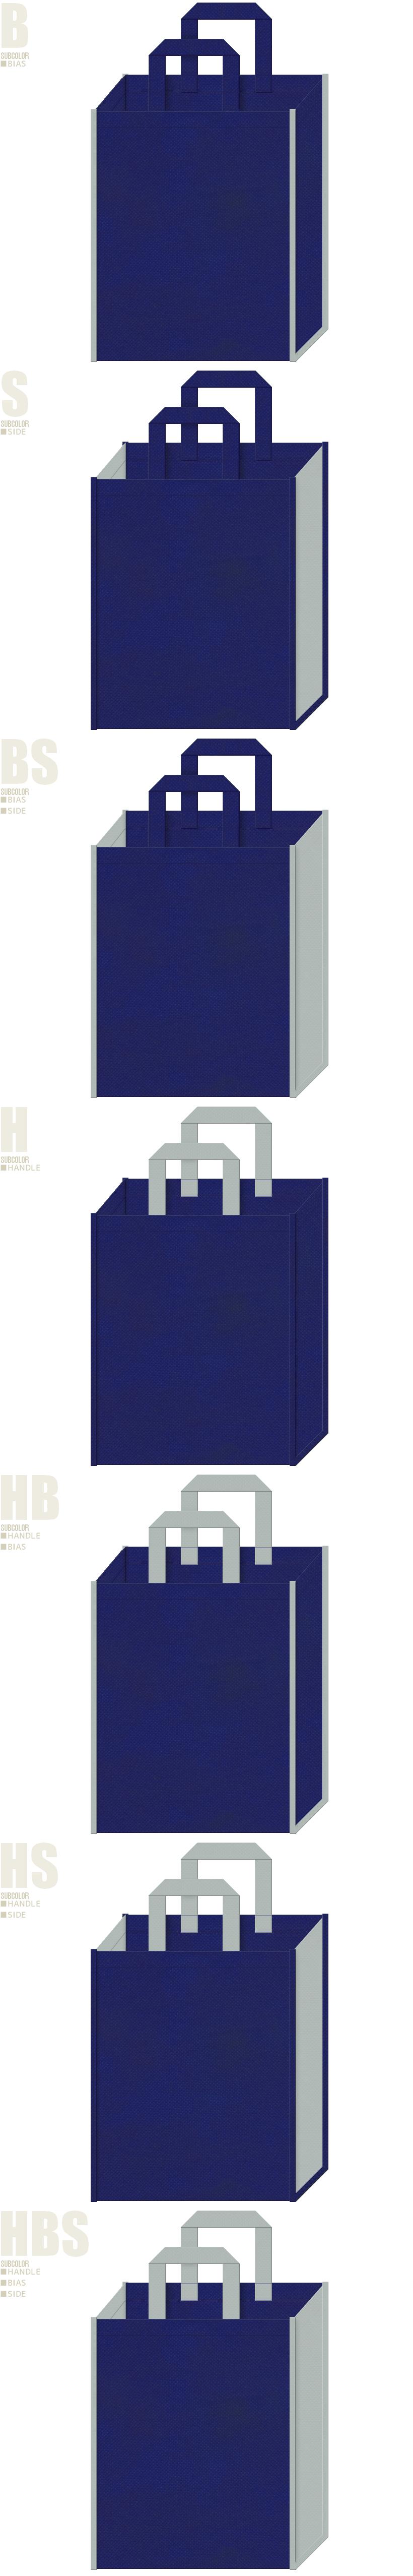 紺紫色とグレー色-7パターンの不織布トートバッグ配色デザイン例